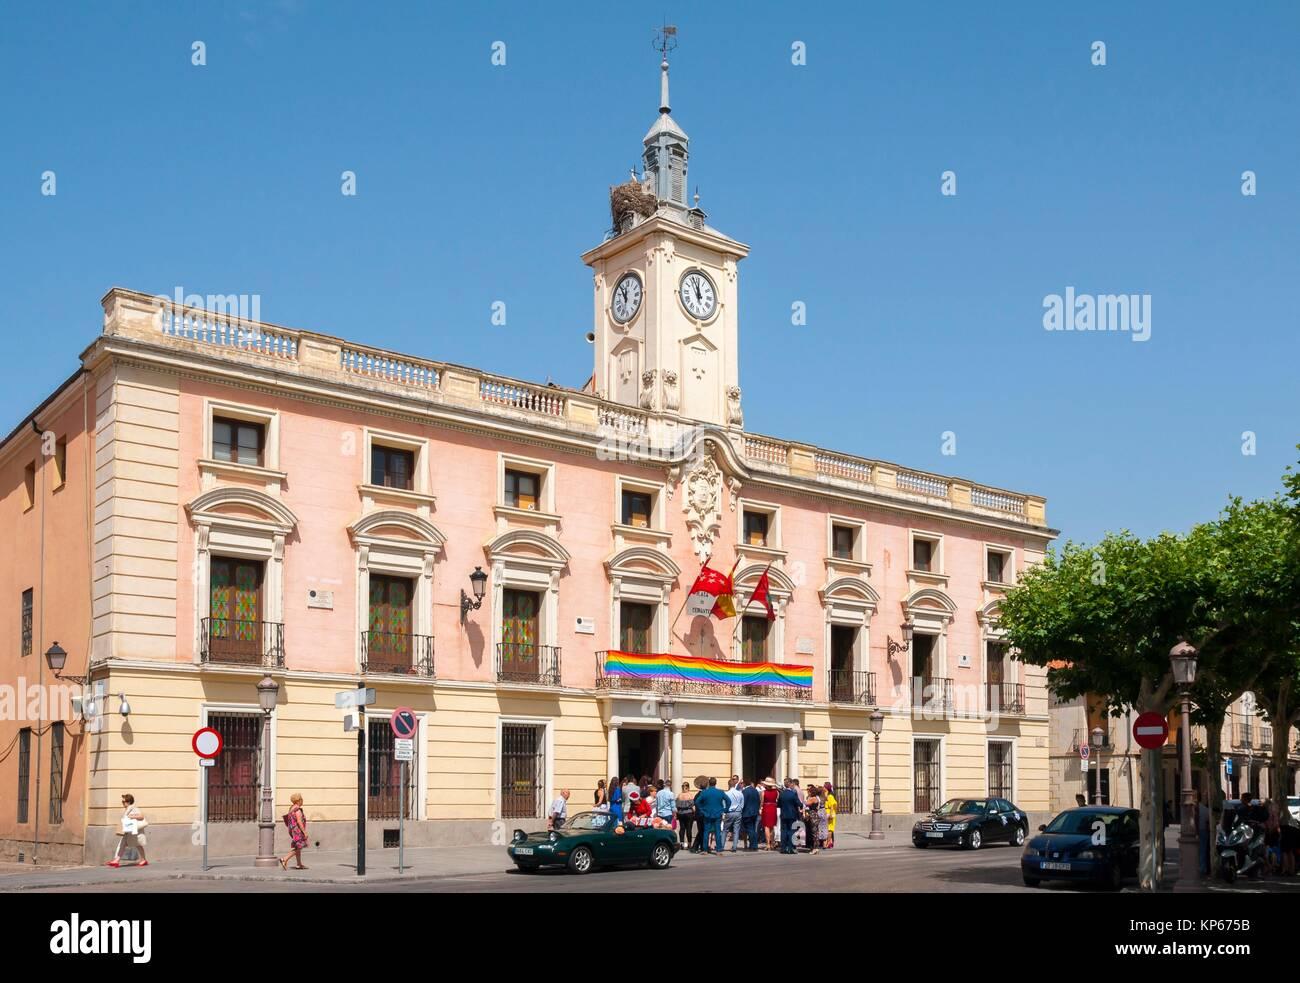 Ayuntamiento de Alcalá de Henares. Madrid. World Heritage City. Spain. - Stock Image